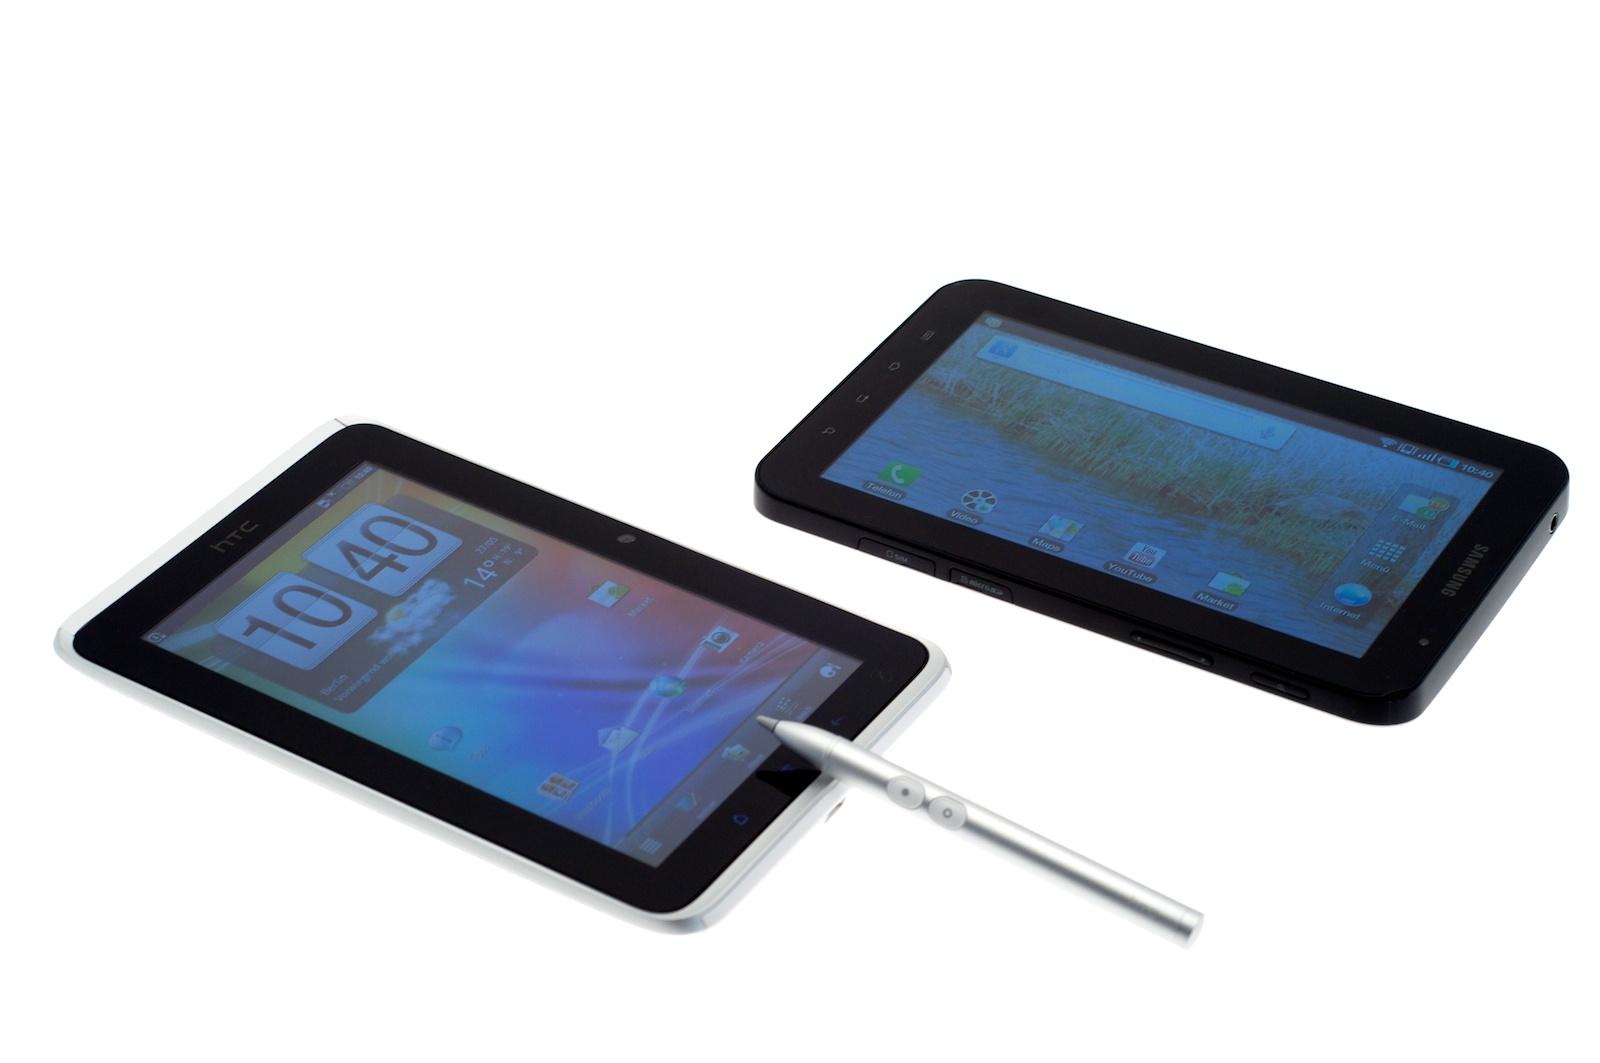 HTC Flyer im Test: Gelungenes Android-Tablet mit eigener Handschrift - ... und rechts Samsungs Galaxy Tab, eines der wenigen guten 7-Zoll-Tablets des vergangenen Jahres